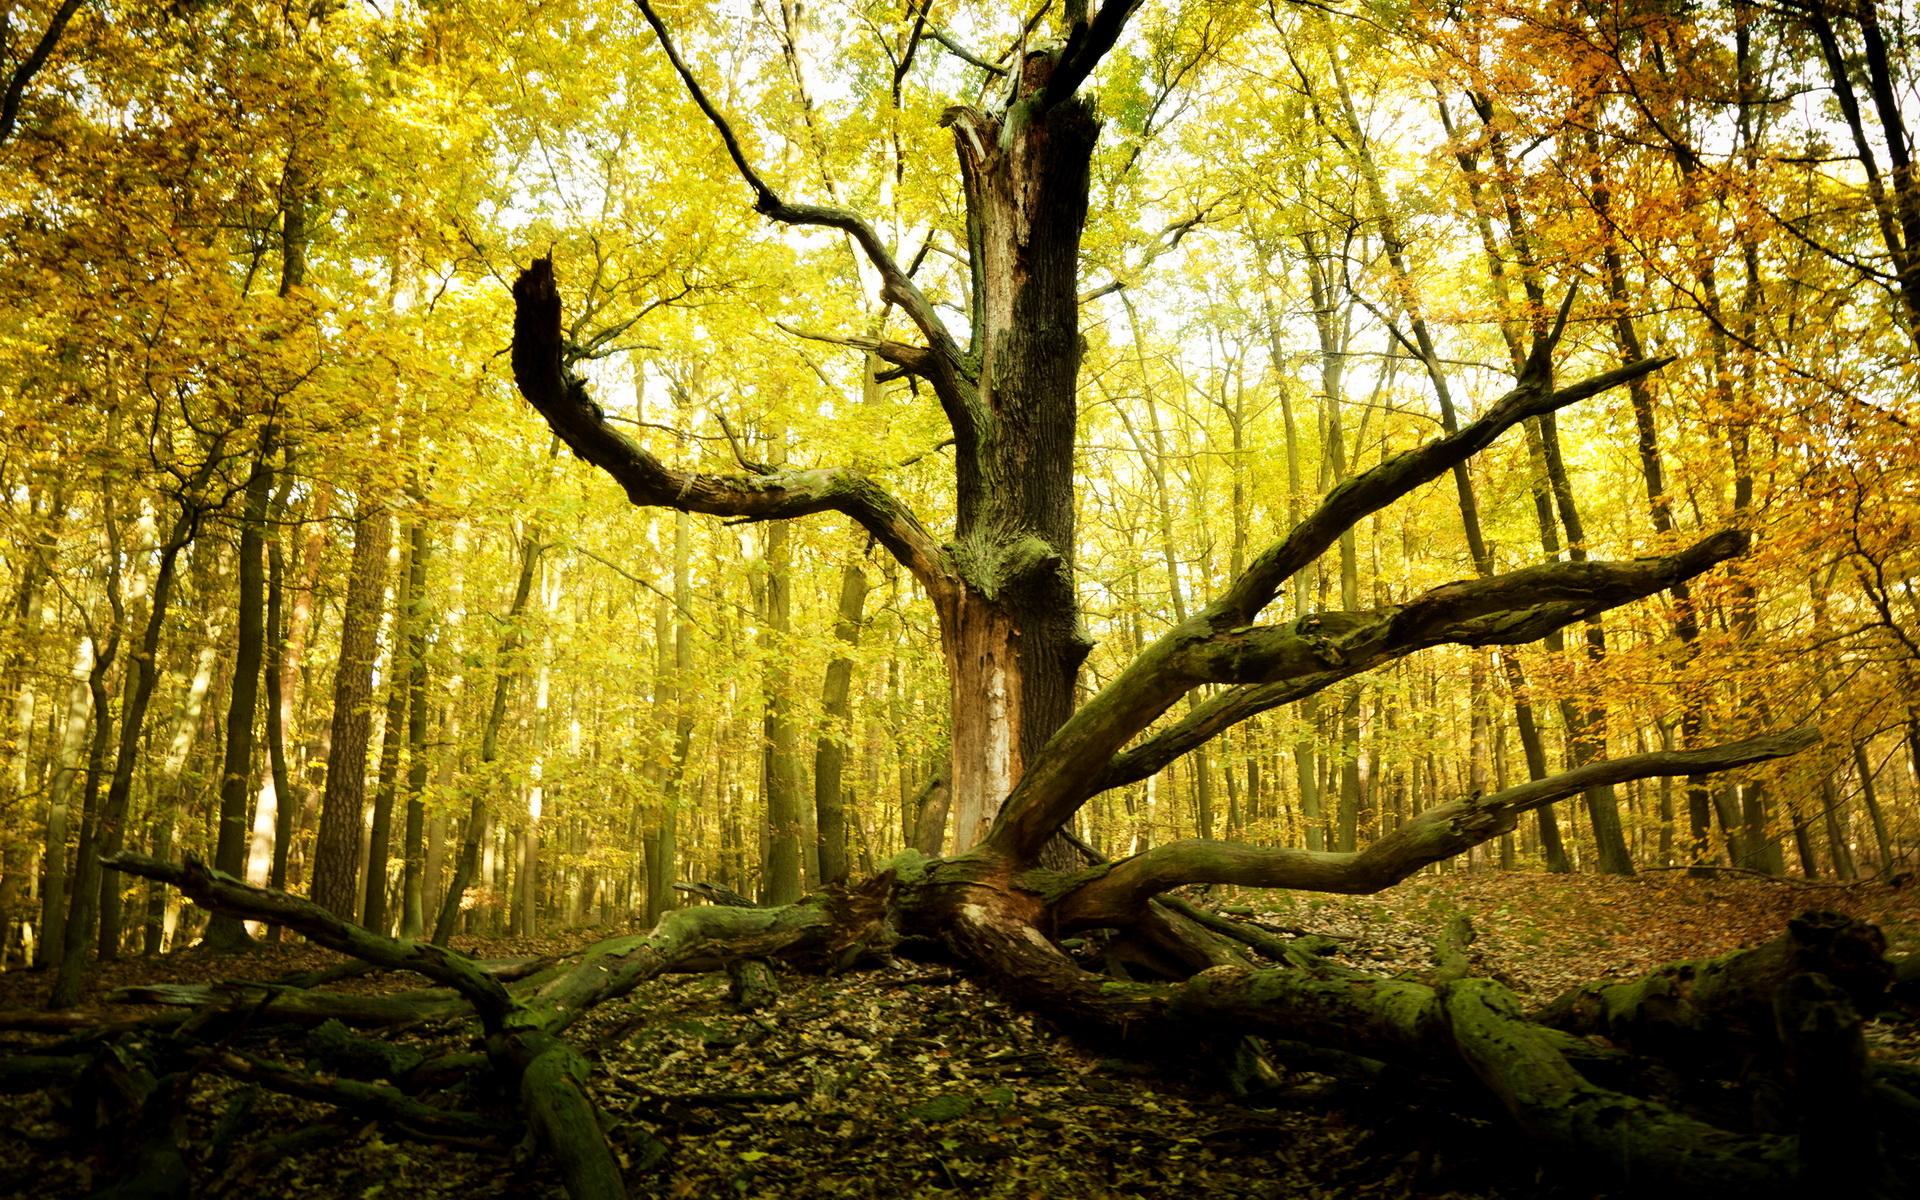 """arboles men El árbol del tule, spanish for """"the tree of tule"""", is a mighty montezuma cypress located in the town center of santa maría del tule in the m."""